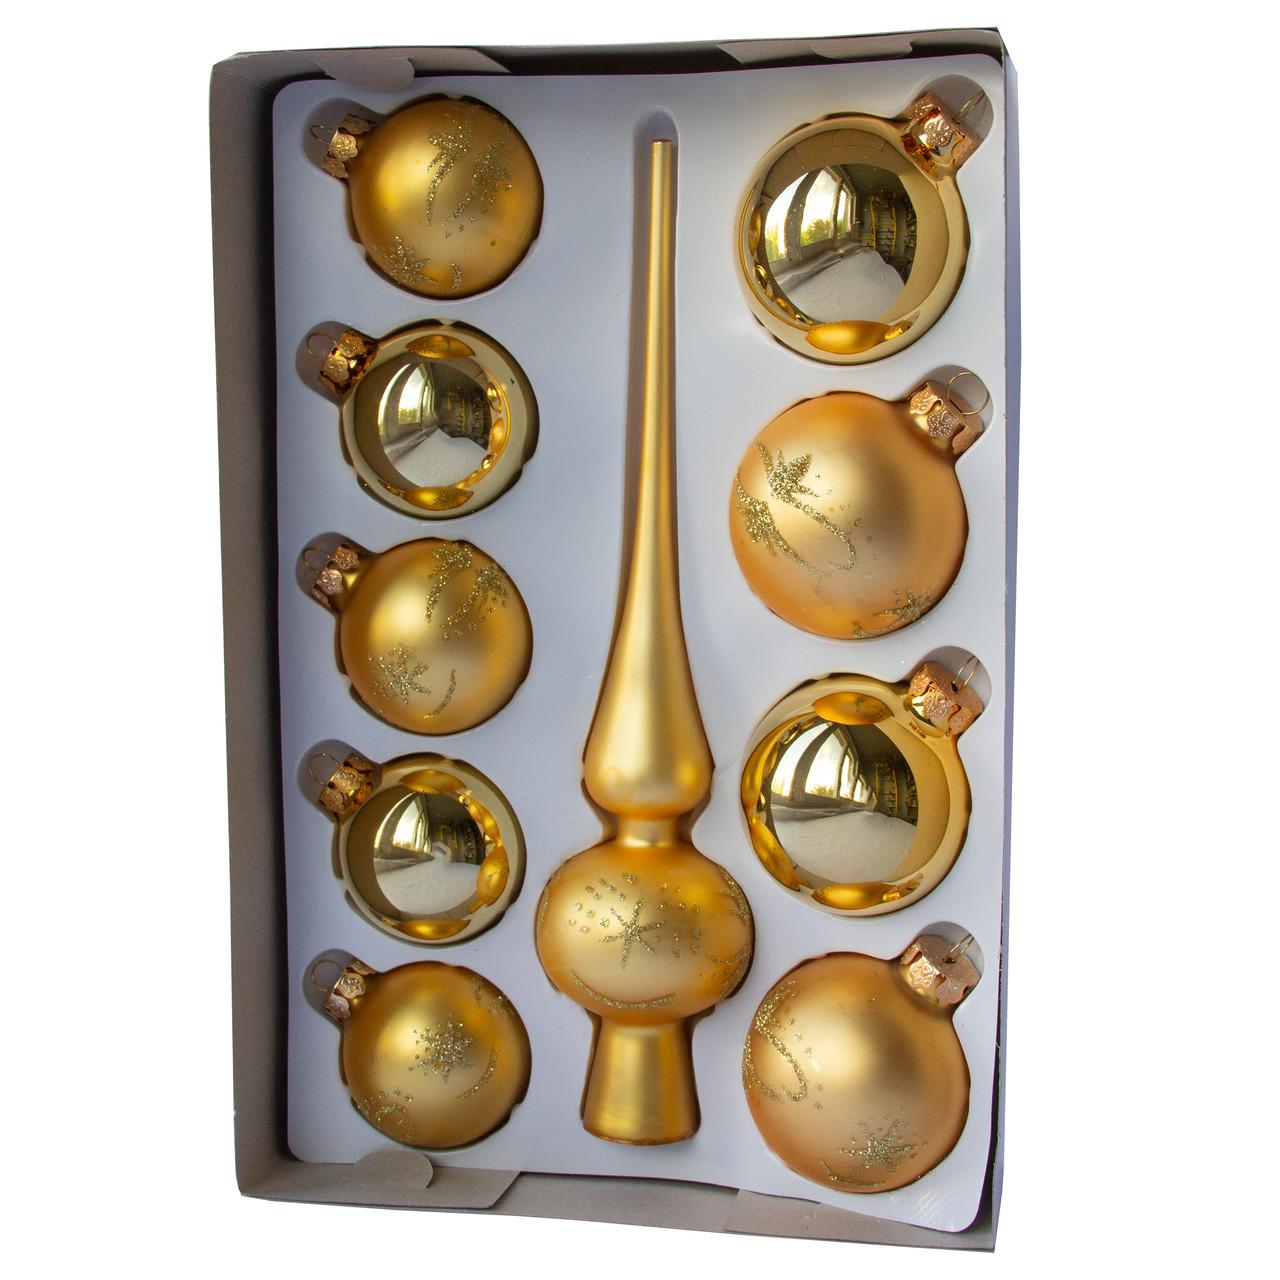 Набор елочных игрушек с верхушкой, 10 шт., золото в снежинку (390267-18)